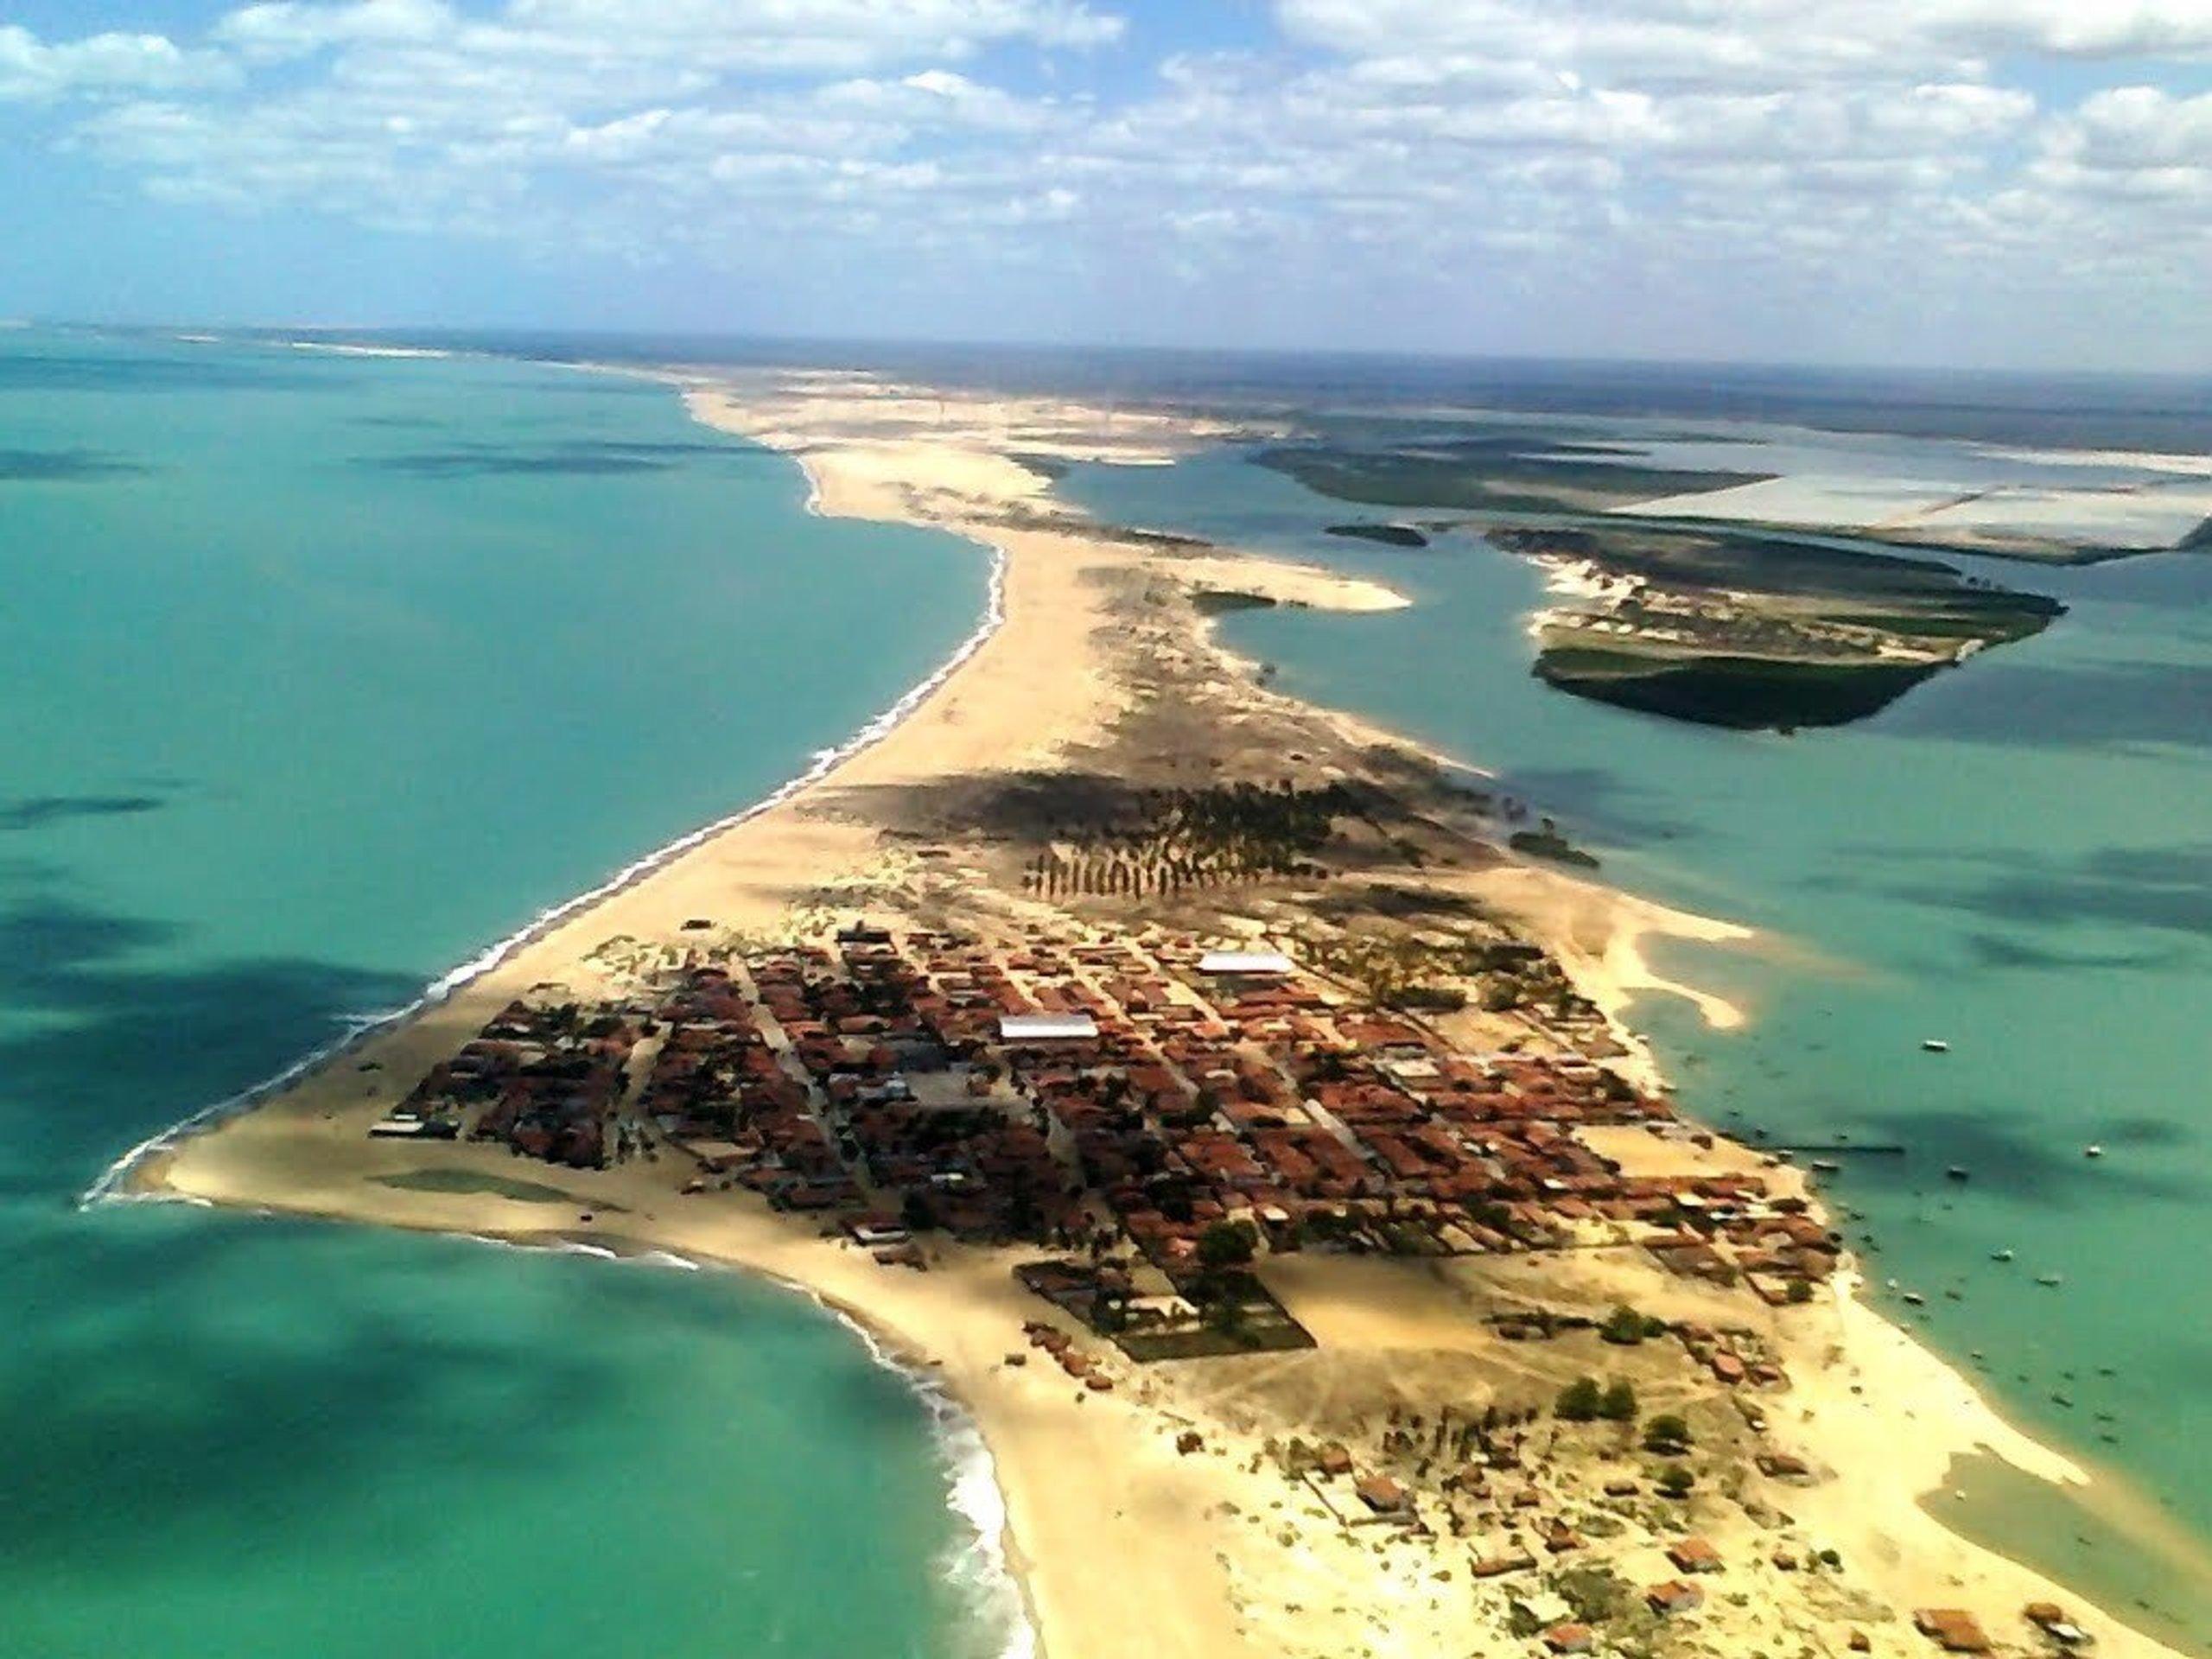 Galinhos Rio Grande do Norte fonte: media-cdn.tripadvisor.com